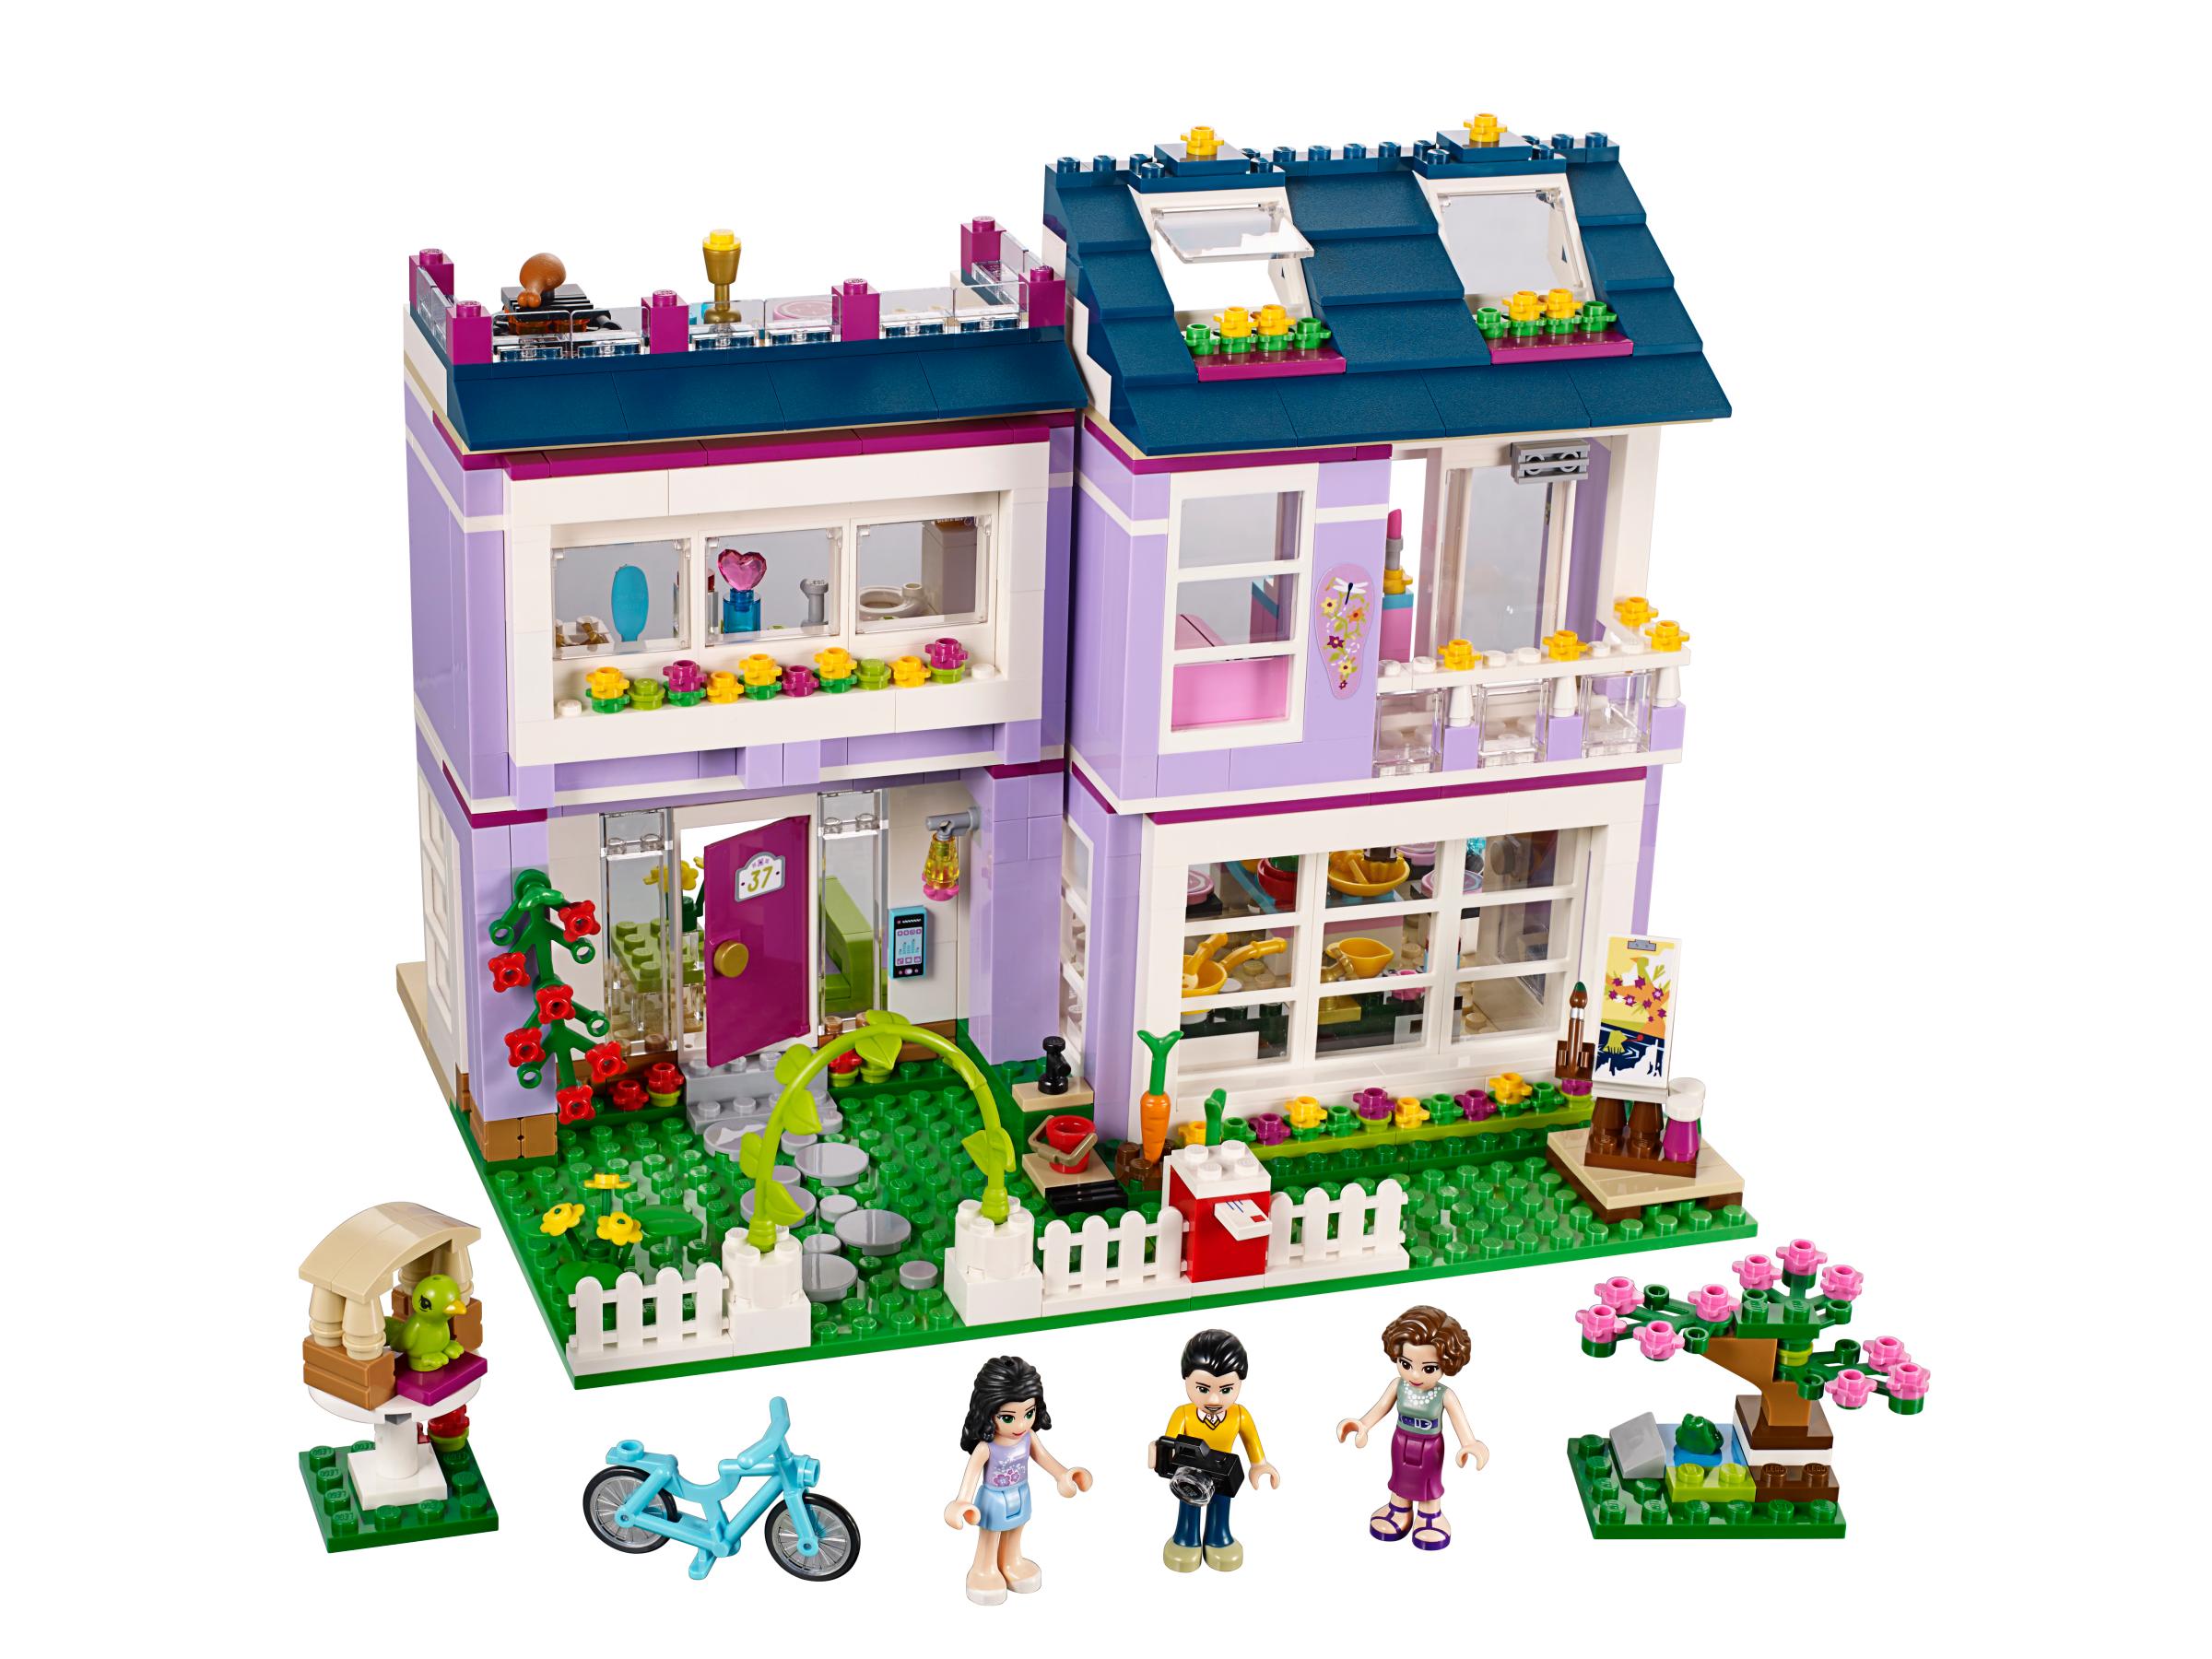 Lego friends 41095 la maison d 39 emma achat vente - Lego friends casa de livi ...